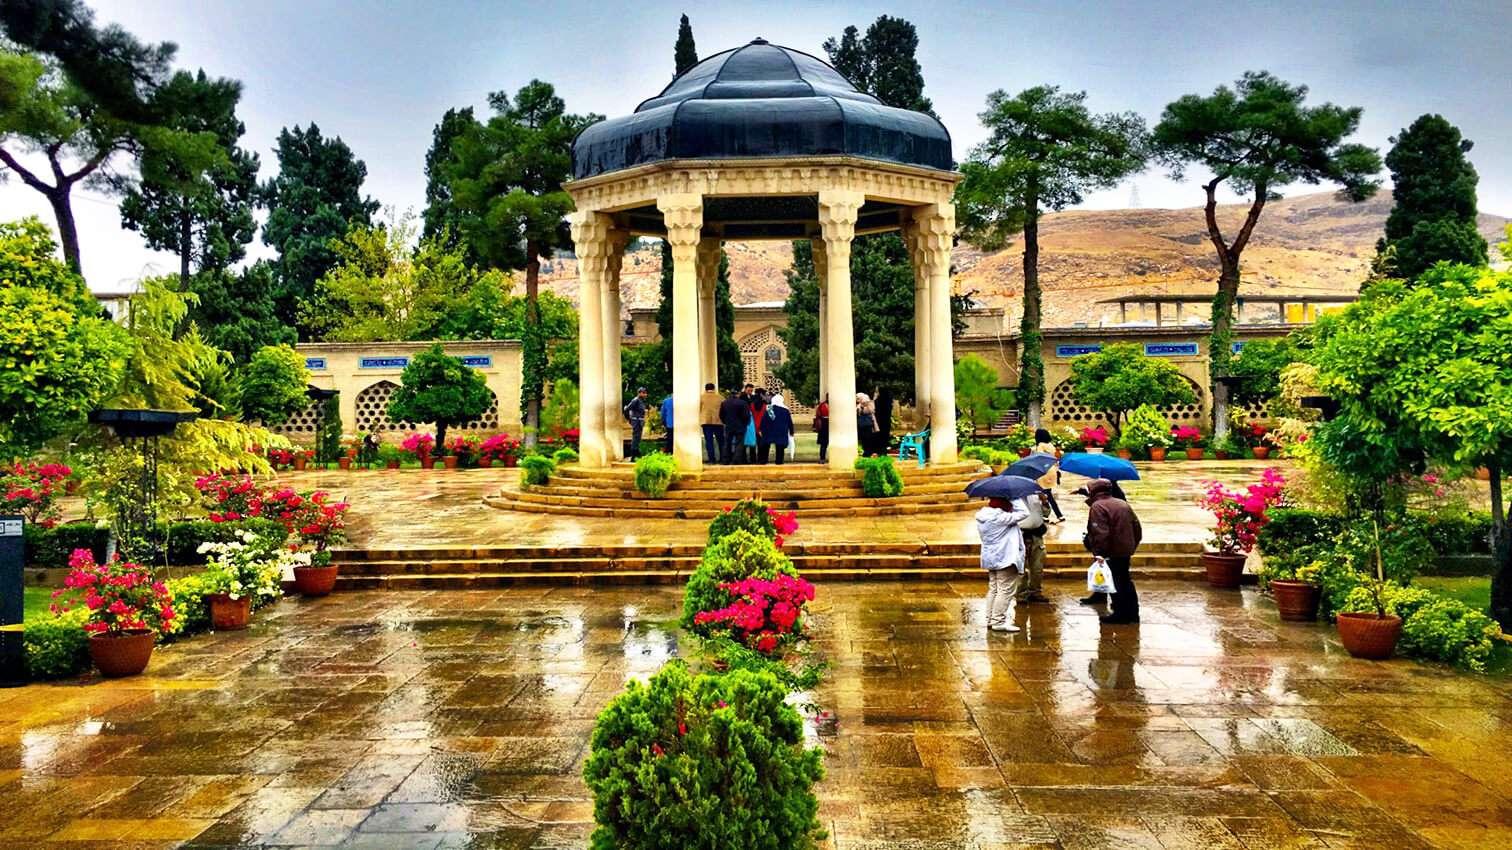 Schiras ist bekannt als die Stadt der Dichter, der Literatur